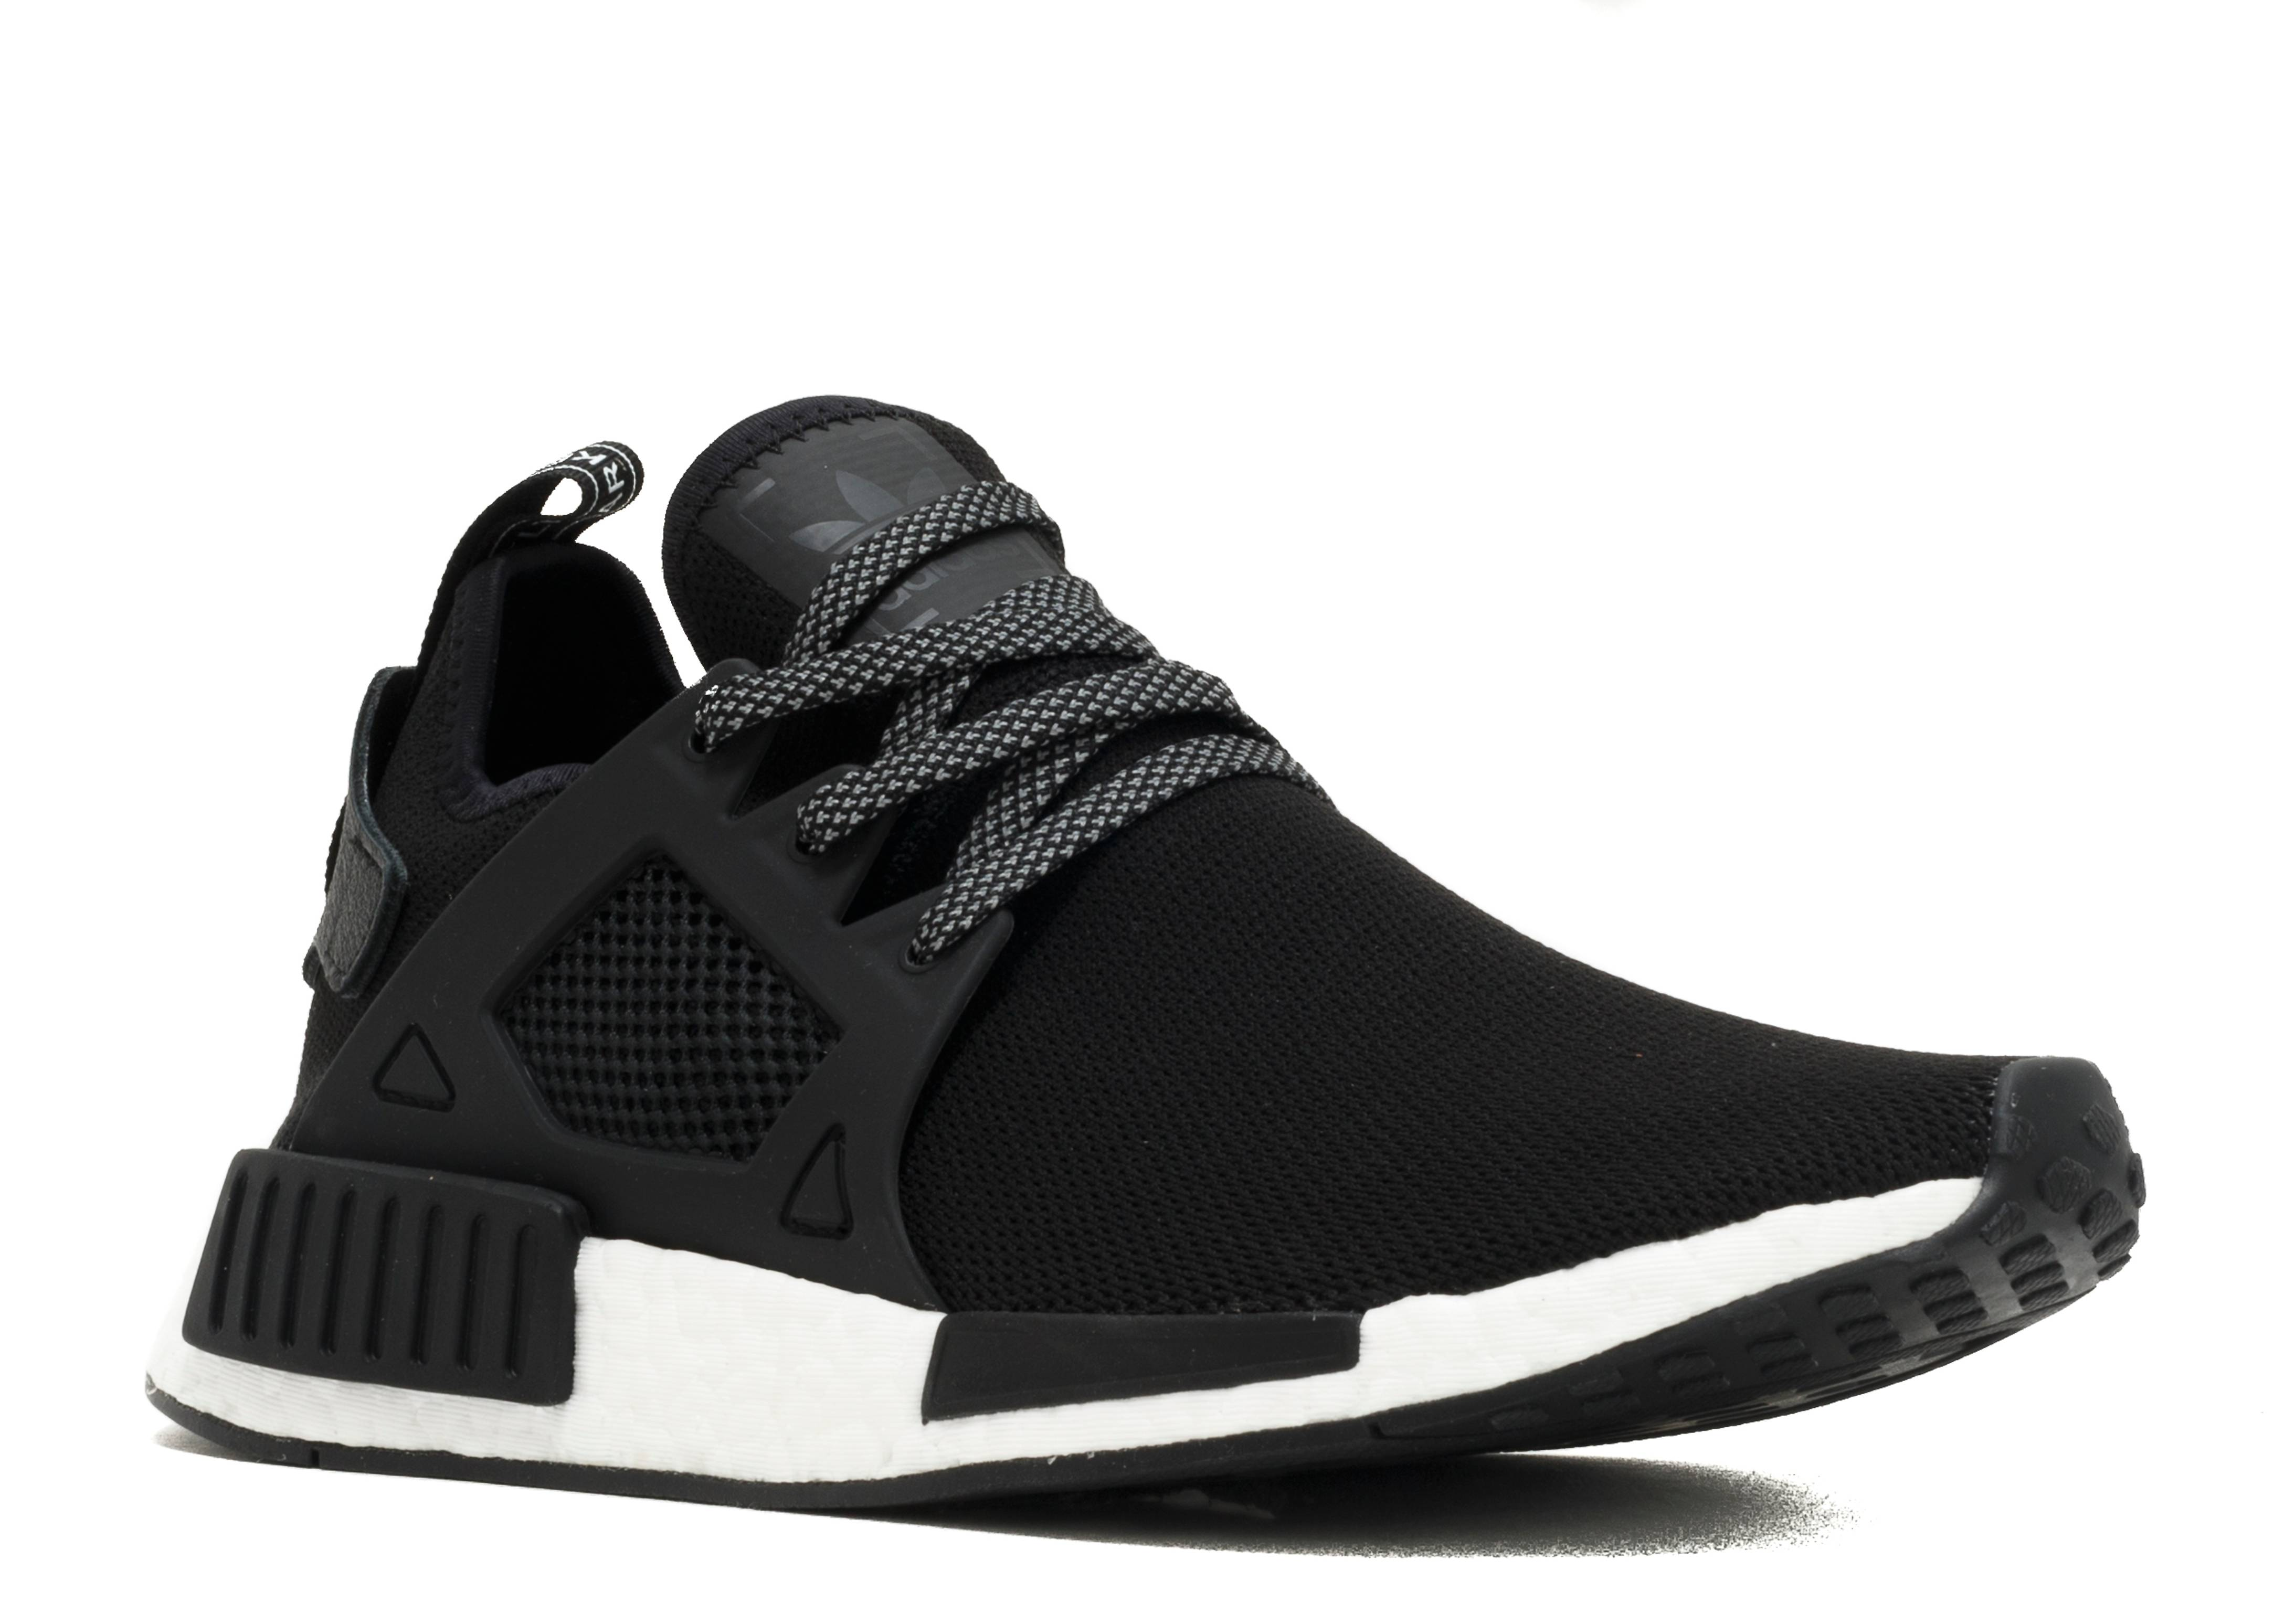 Adidas nmd xr 1 maroon adidas yeezy boost 350 buy Cashflow Pro